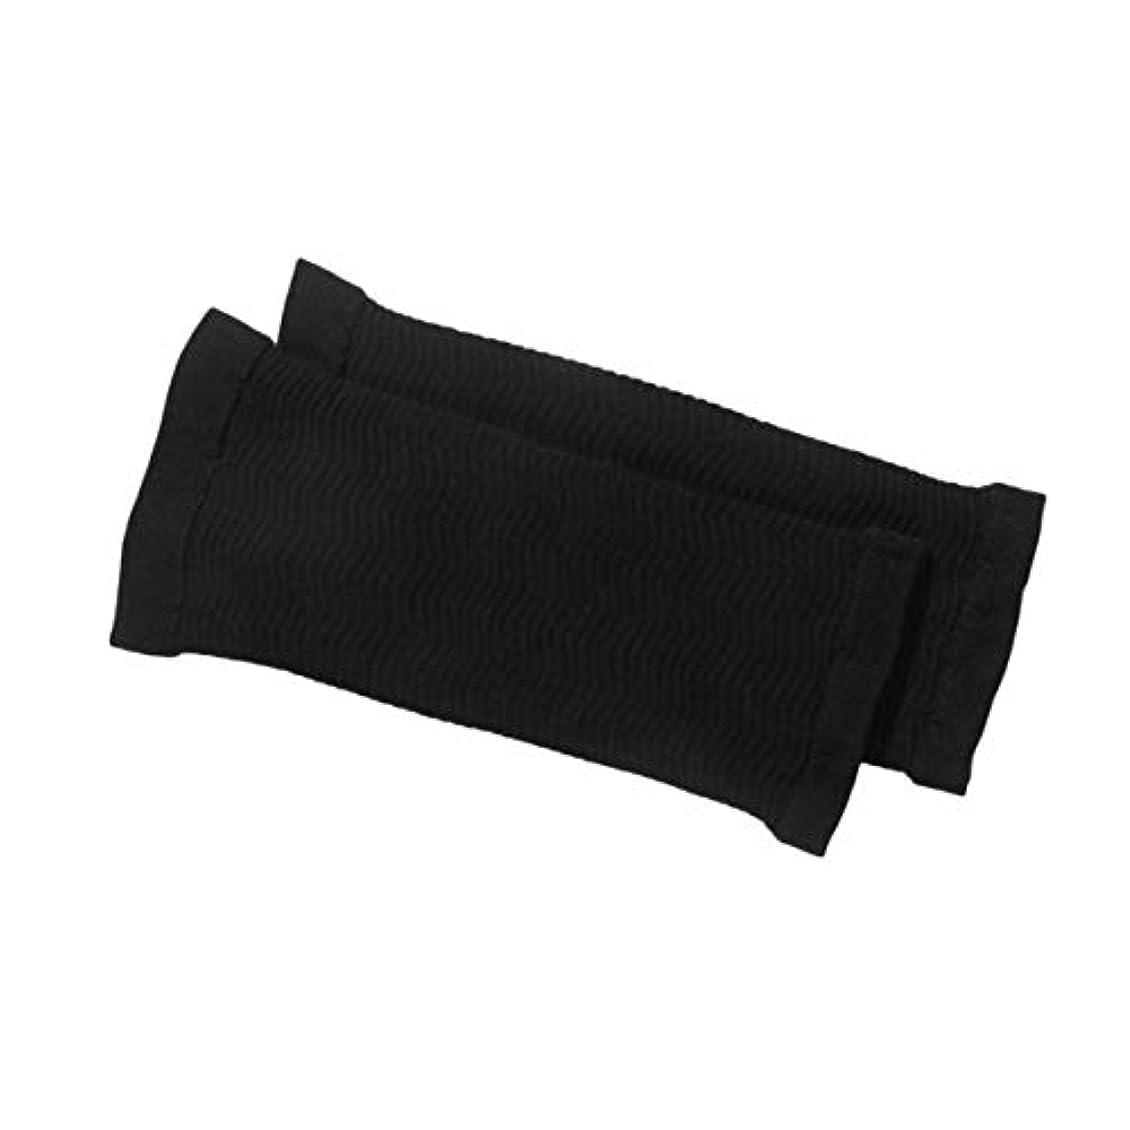 メンテナンス降臨虹1ペア420 D圧縮痩身アームスリーブワークアウトトーニングバーンセルライトシェイパー脂肪燃焼袖用女性 - 黒